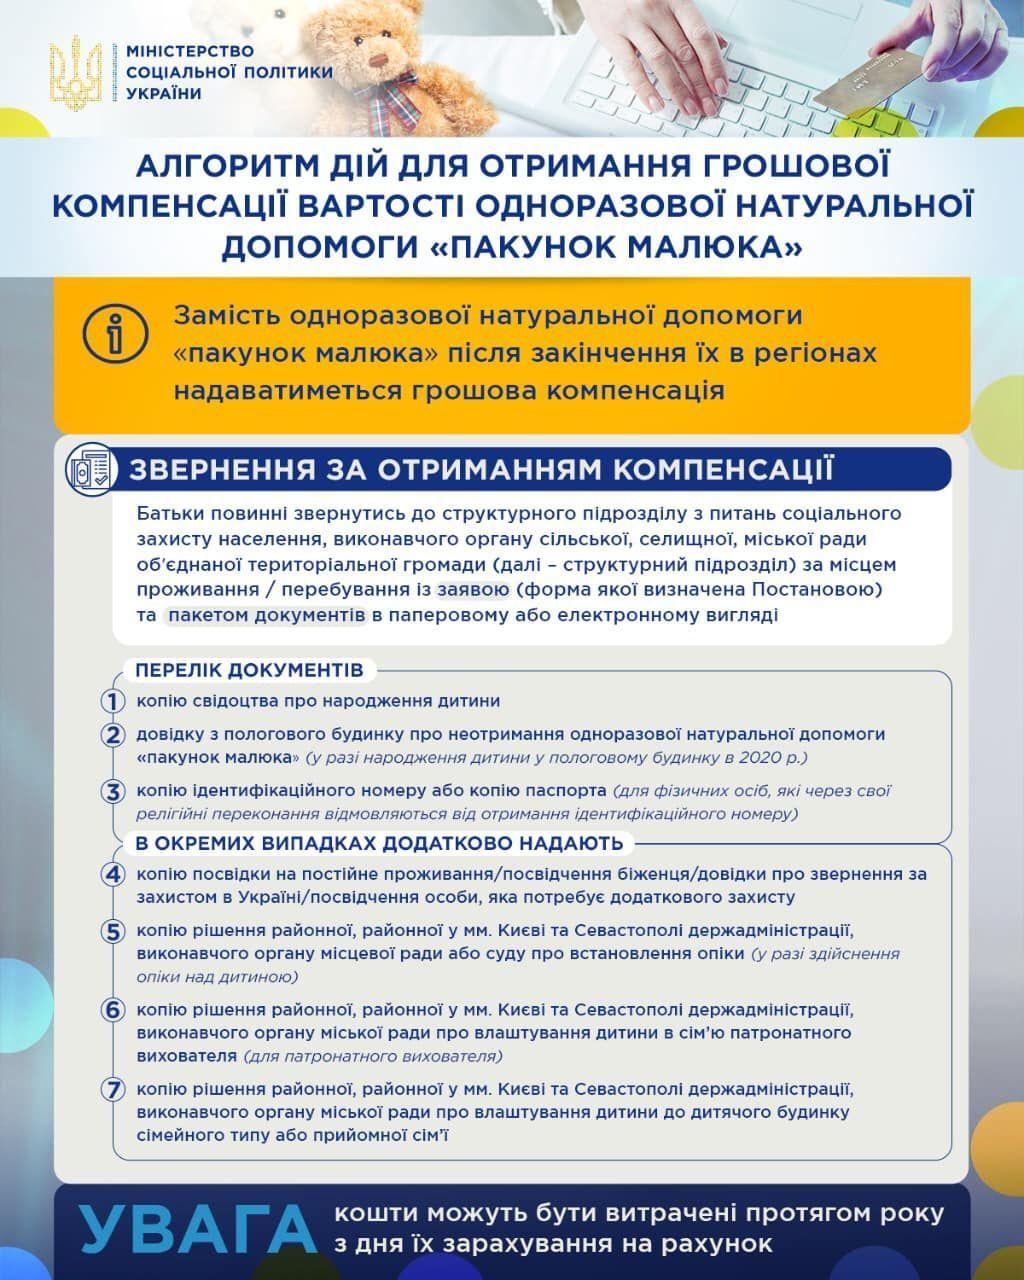 пакунок малюка інфографіка_4